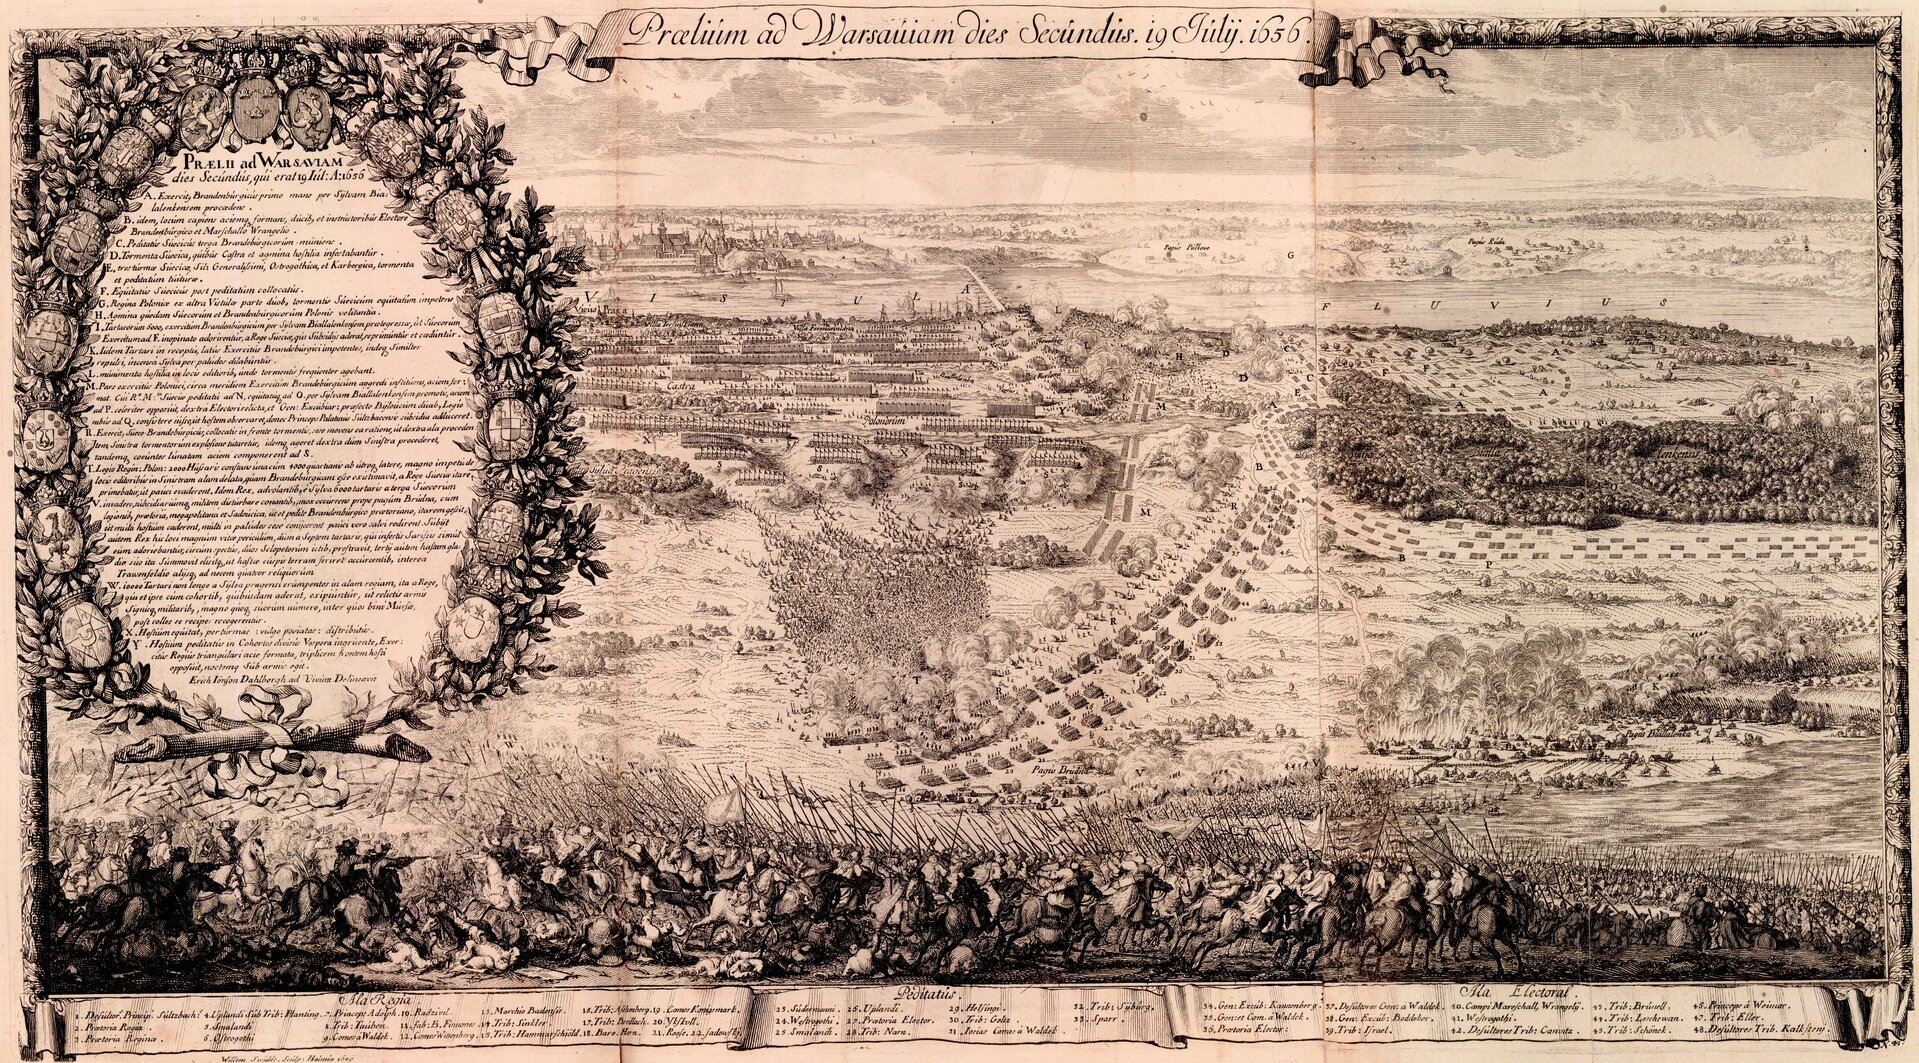 Ustawienie wojsk polsko-litewskich, wspomaganych przez Tatarów oraz szwedzko-brandenburskich wczasie drugiego dnia bitwy oWarszawę - 29 lipca 1656 roku.